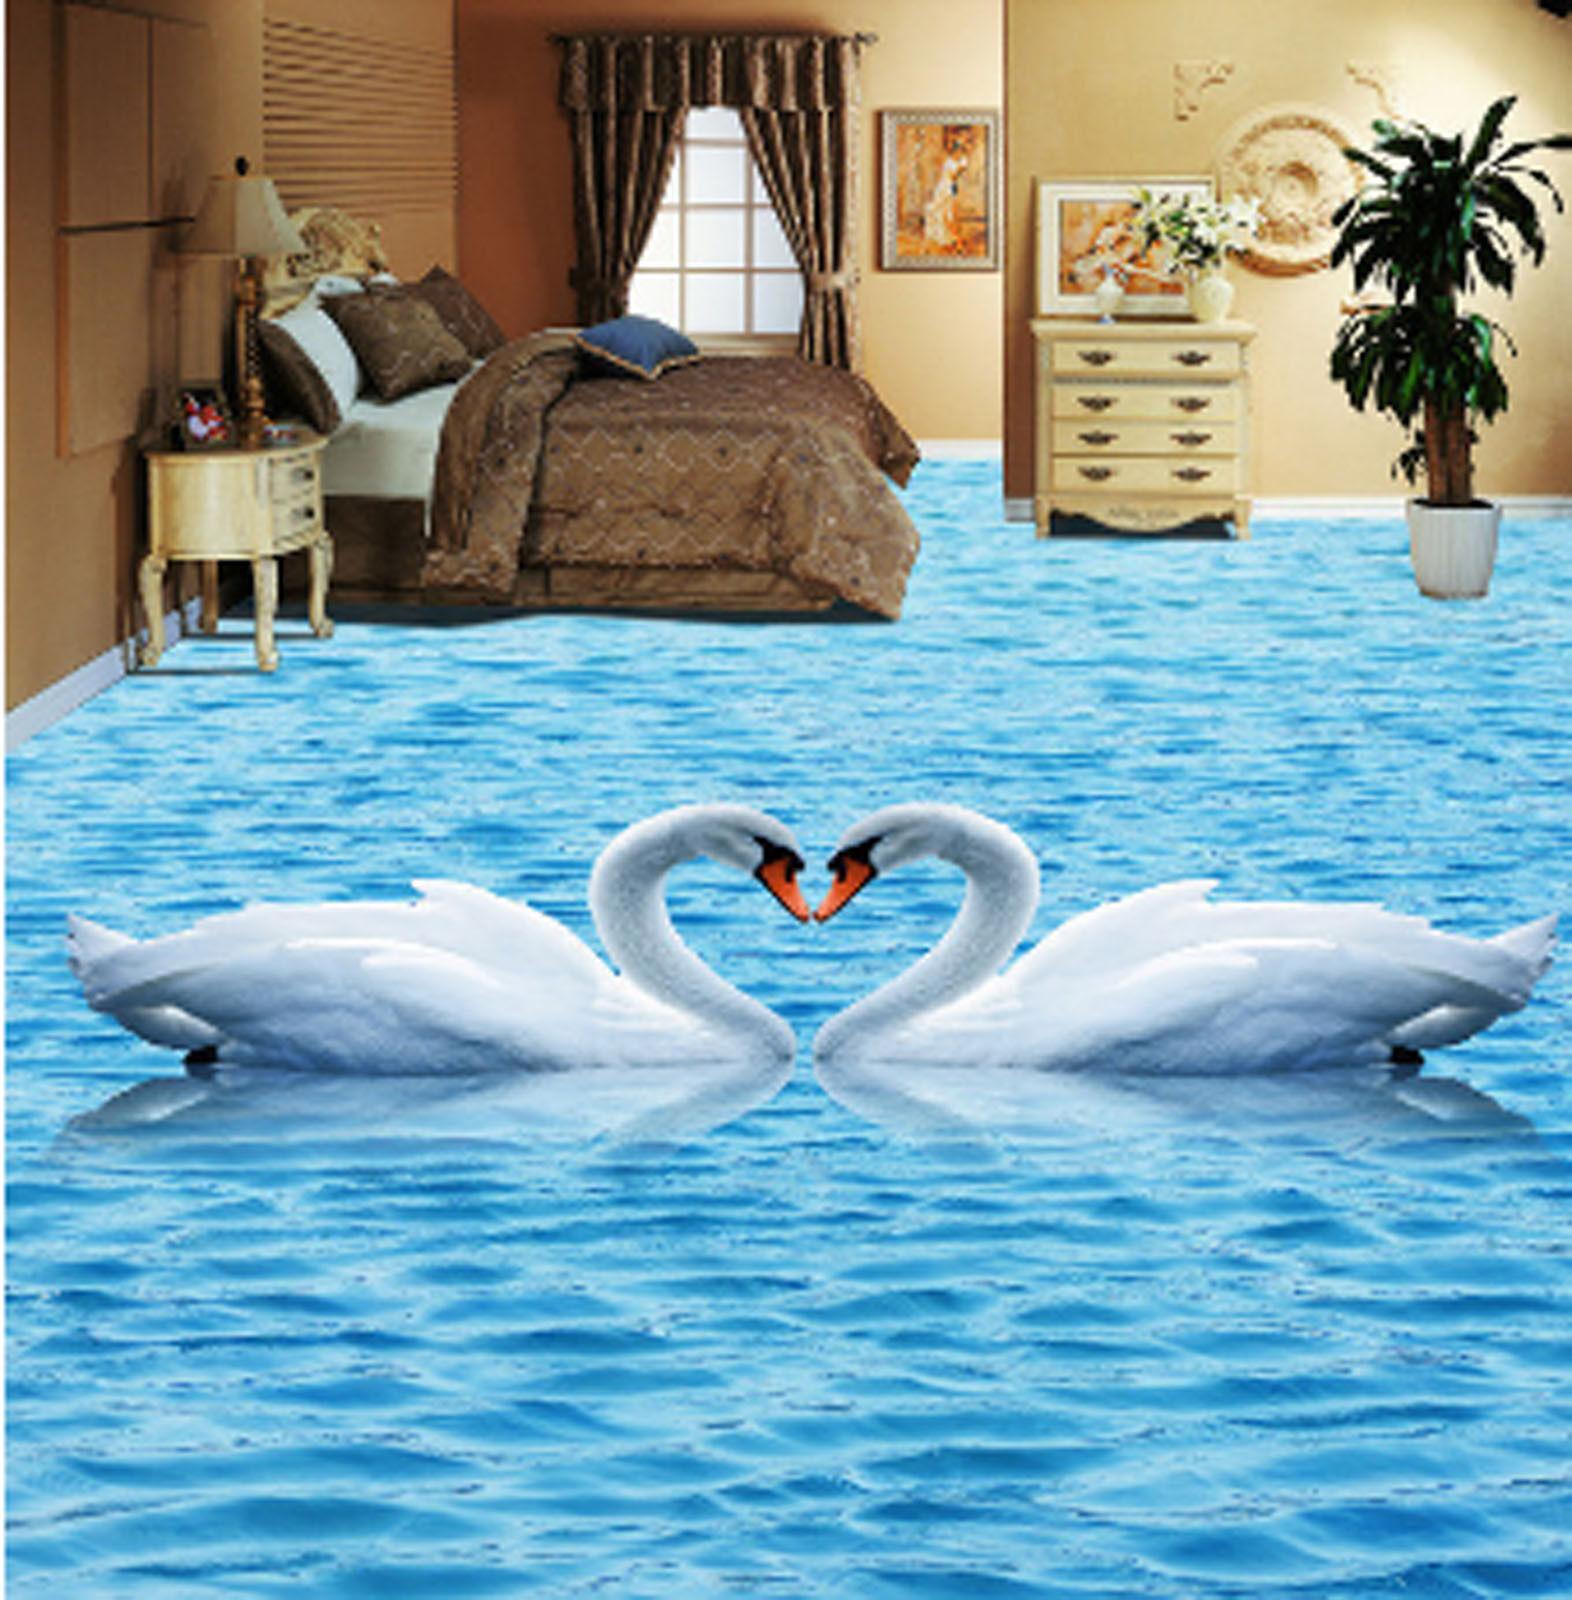 3D Swan Lake 4366 Floor WallPaper Murals Wall Print 5D AJ WALLPAPER AU Lemon